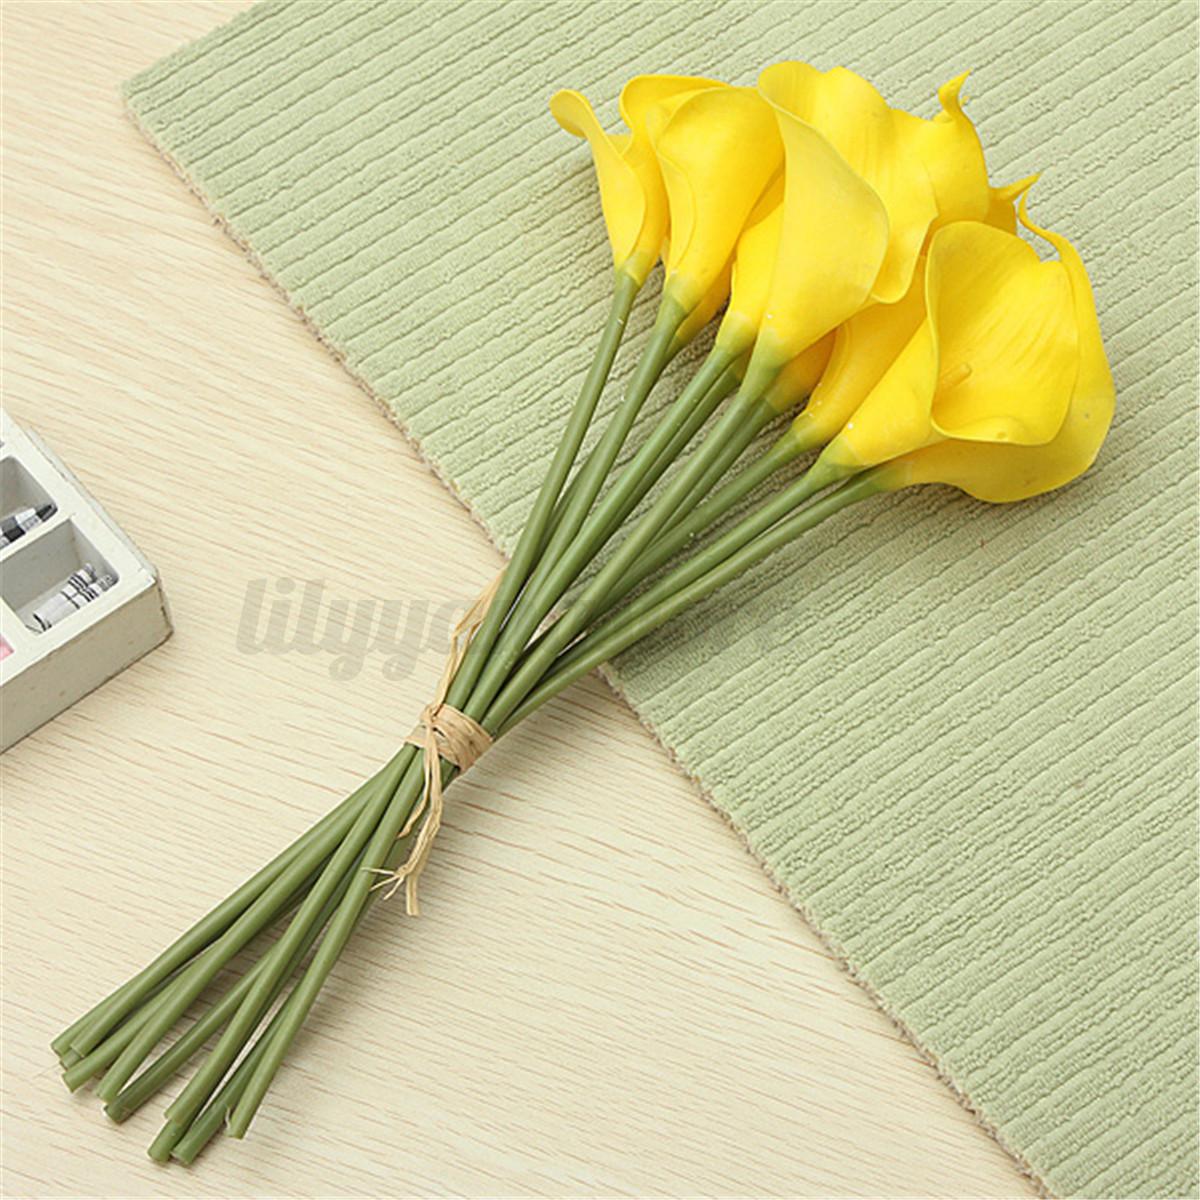 10tlg lilien kunstblumen latex blumen strau deko lily flower tischdeko bl ten ebay. Black Bedroom Furniture Sets. Home Design Ideas